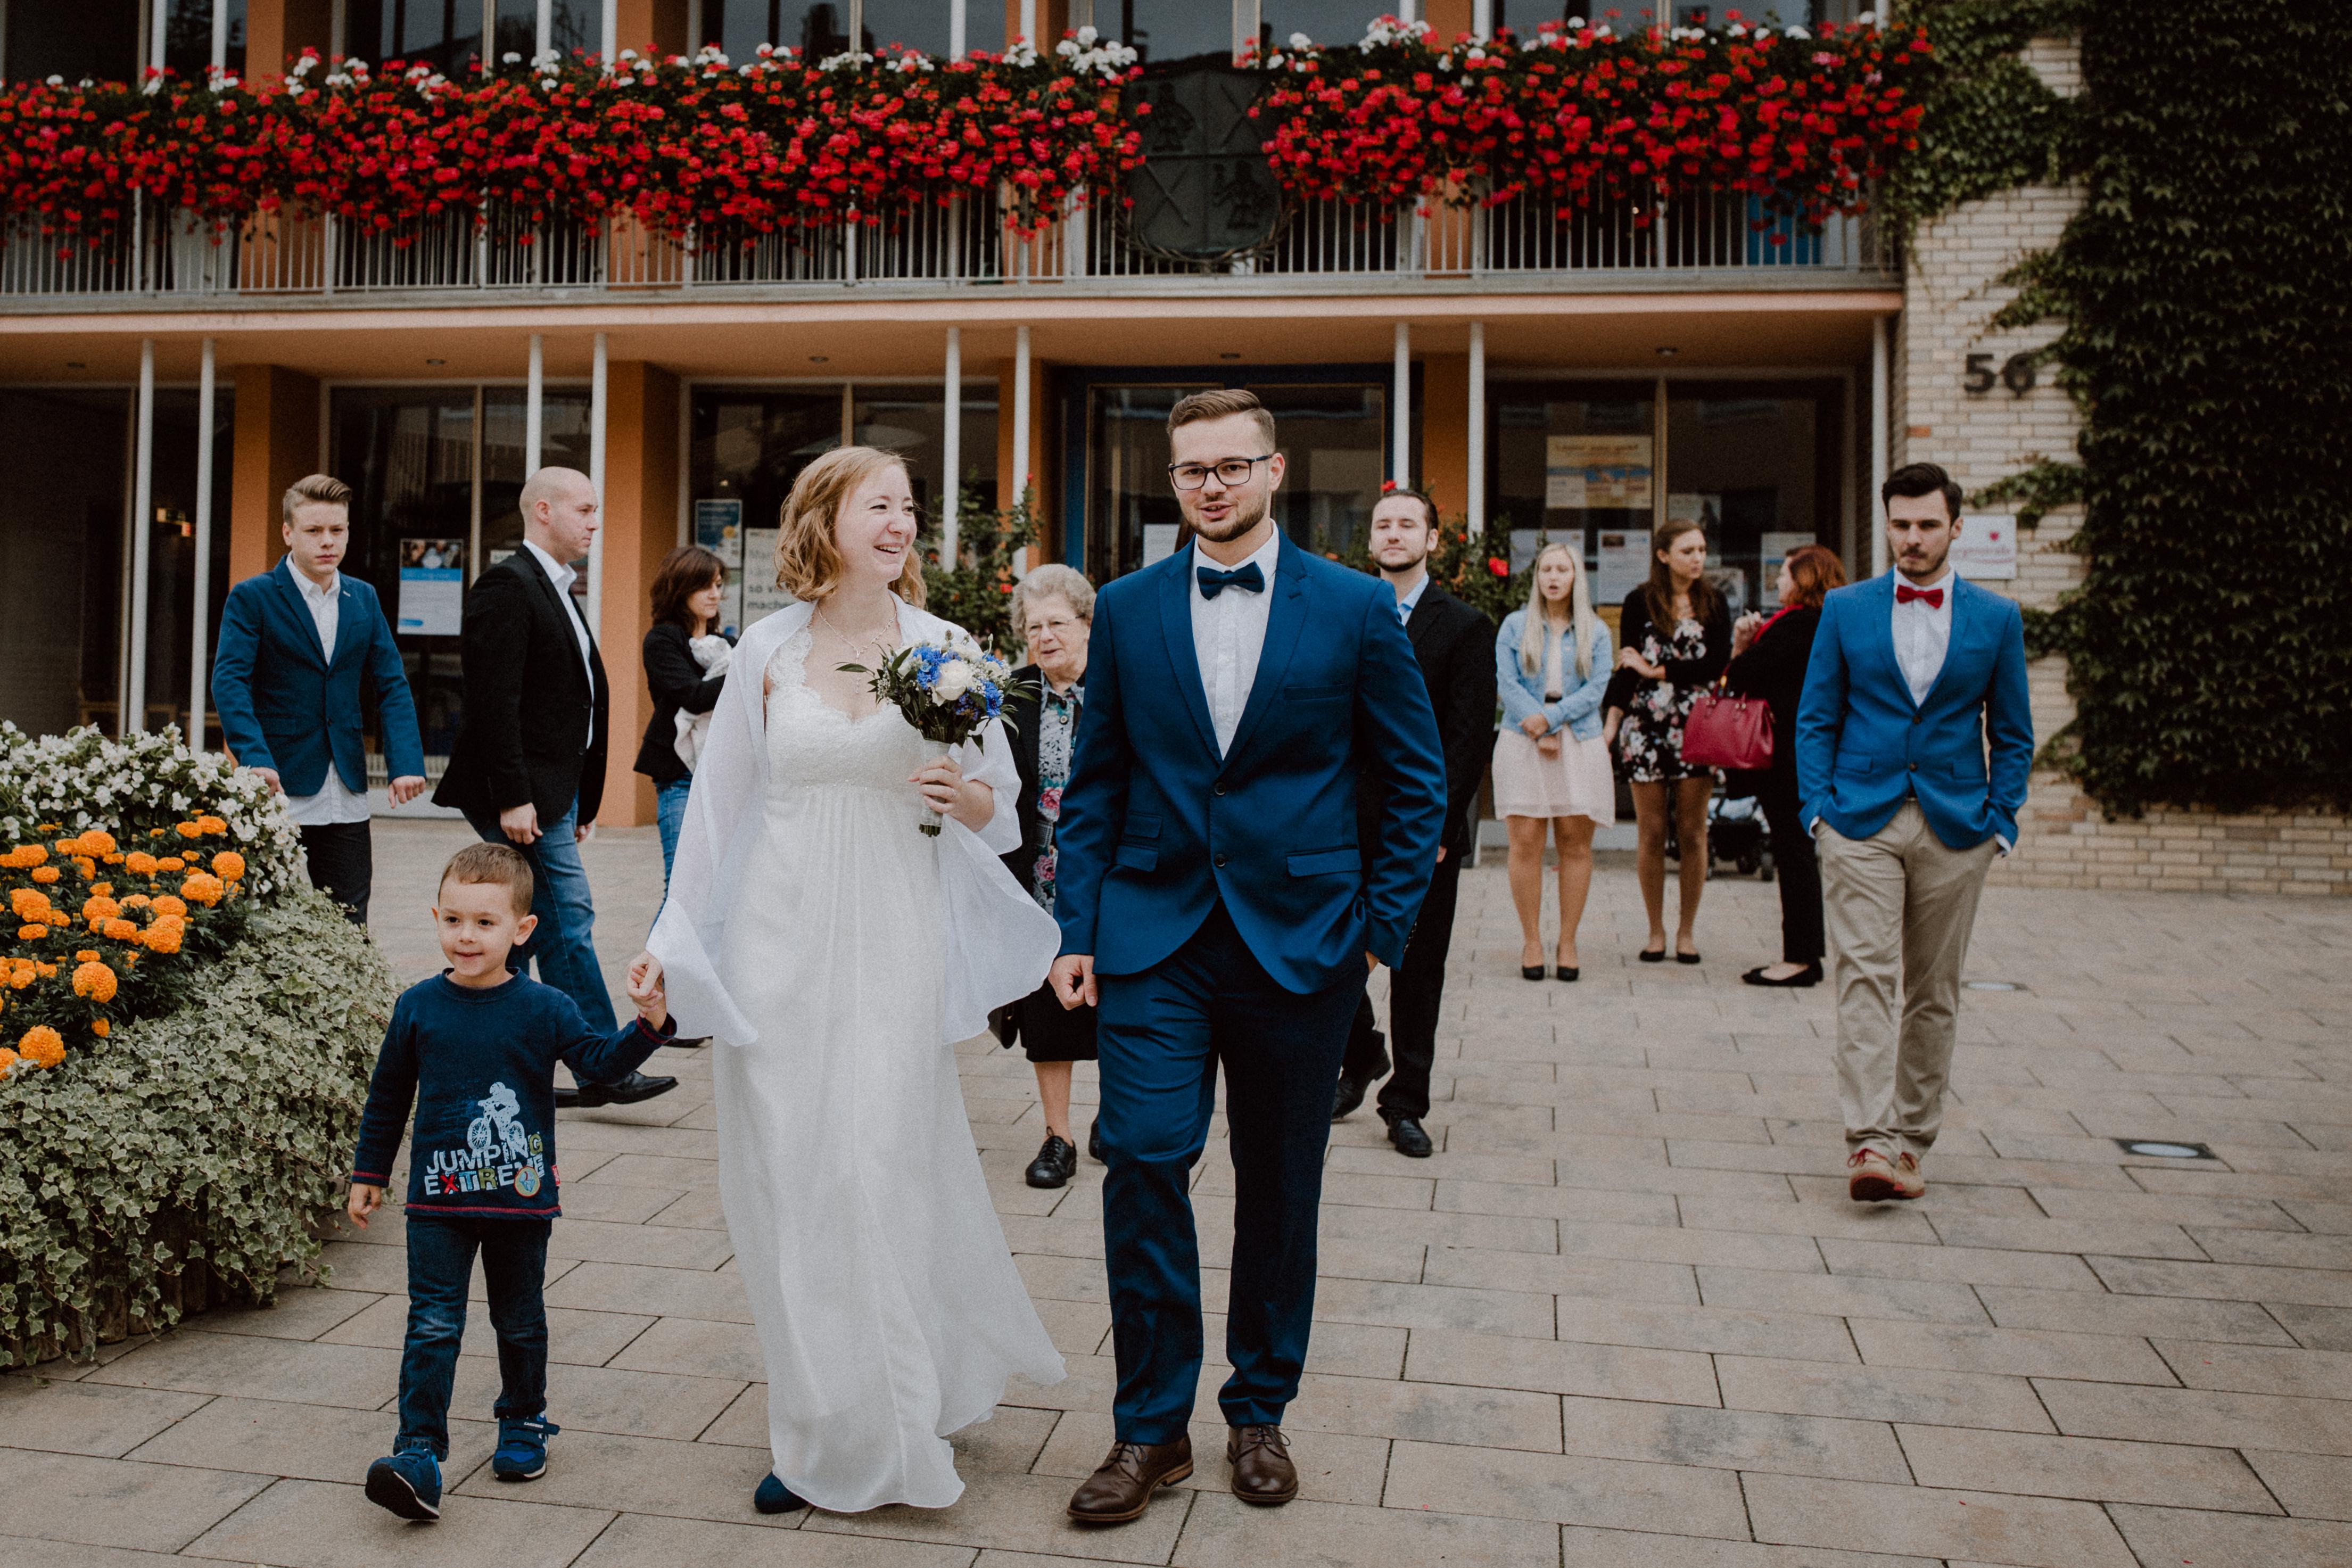 URBANERIE_Daniela_Goth_Hochzeitsfotografin_Nürnberg_Fürth_Erlangen_Schwabach_17907_0195